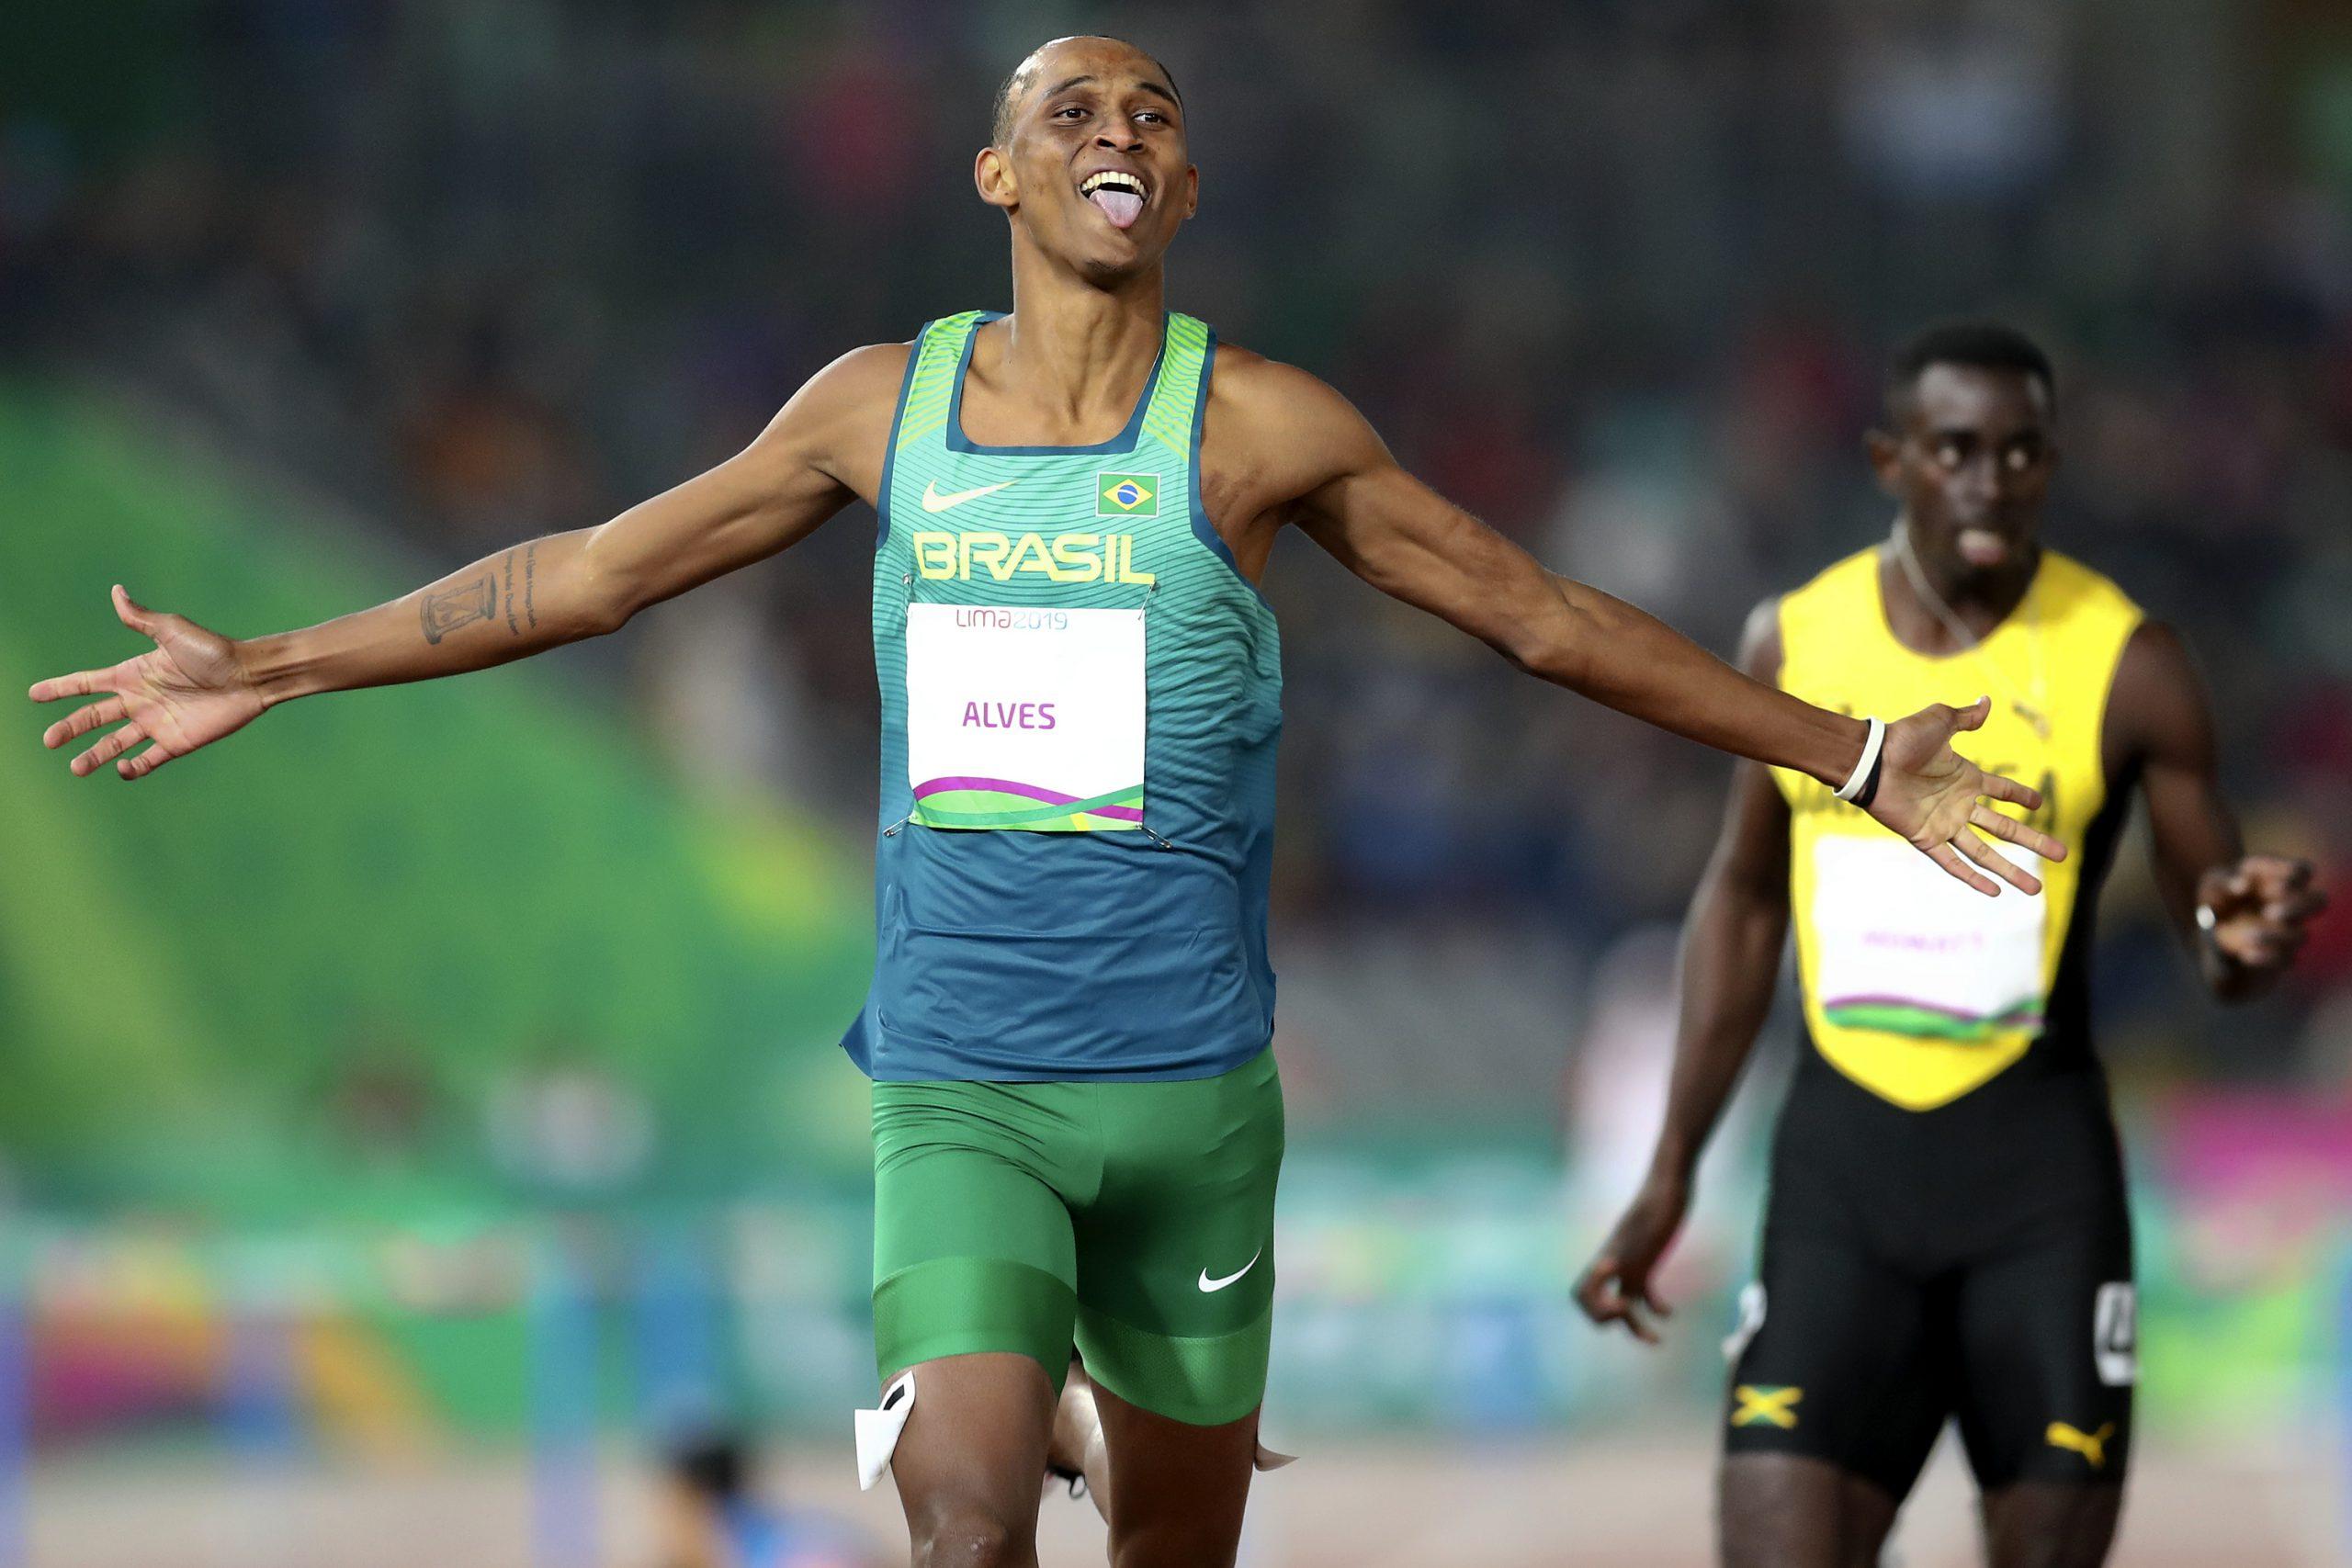 Dez brasileiros competem no primeiro dia do Mundial de Atletismo 2019 - Foto: Wagner Carmo/CBAt